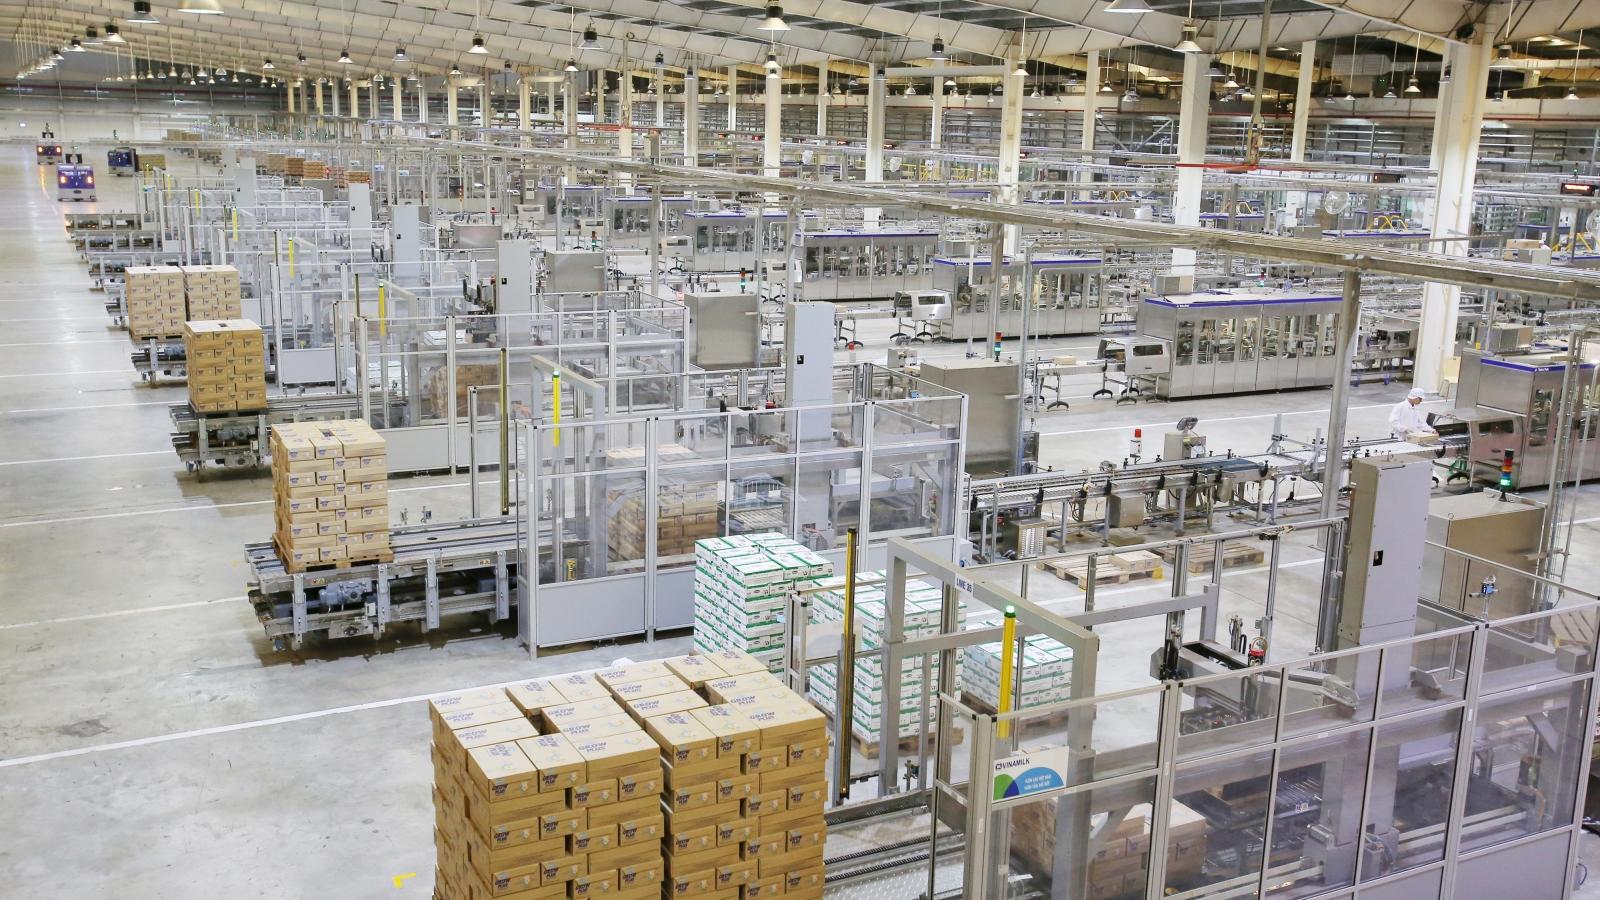 Liên doanh Vinamilk ra mắt sản phẩm tại Philippines, đặt mục tiêu chiếm 10 thị phần sữa